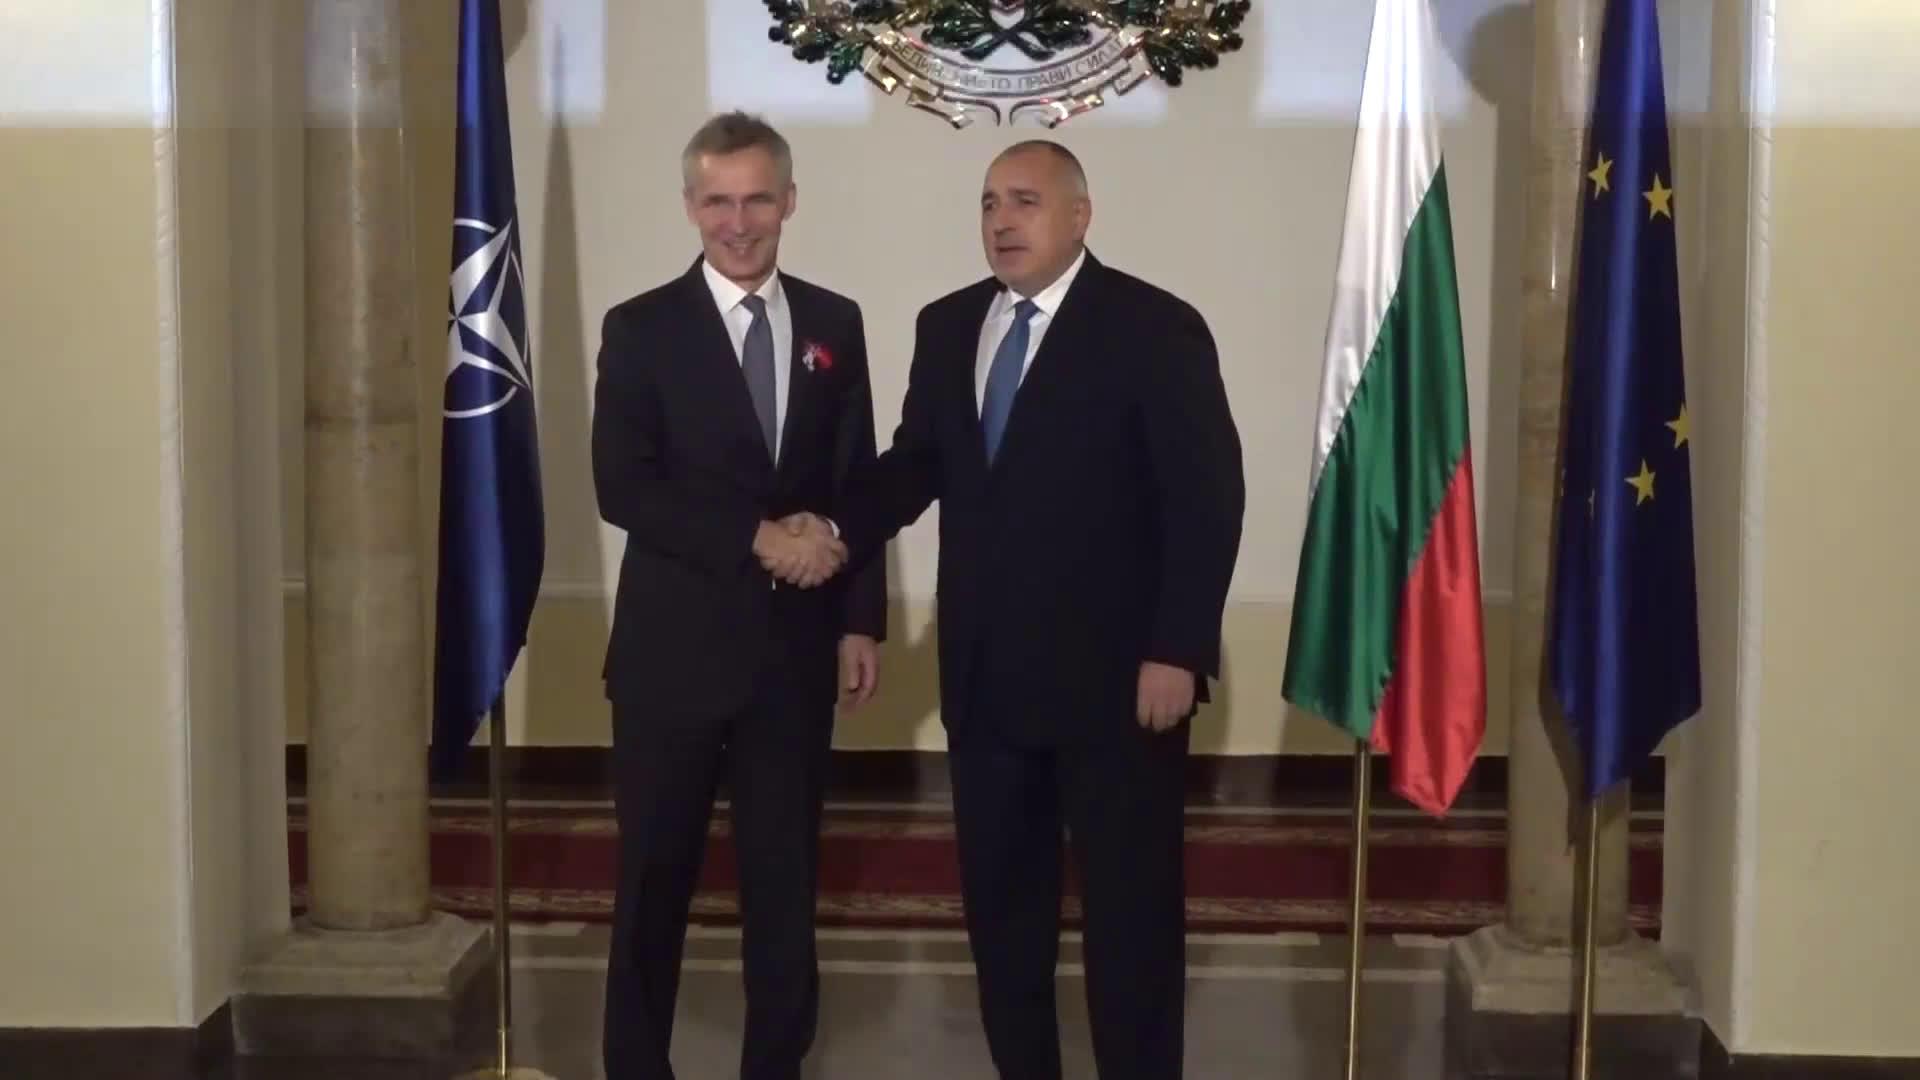 Започна срещата на Борисов и Столтенберг